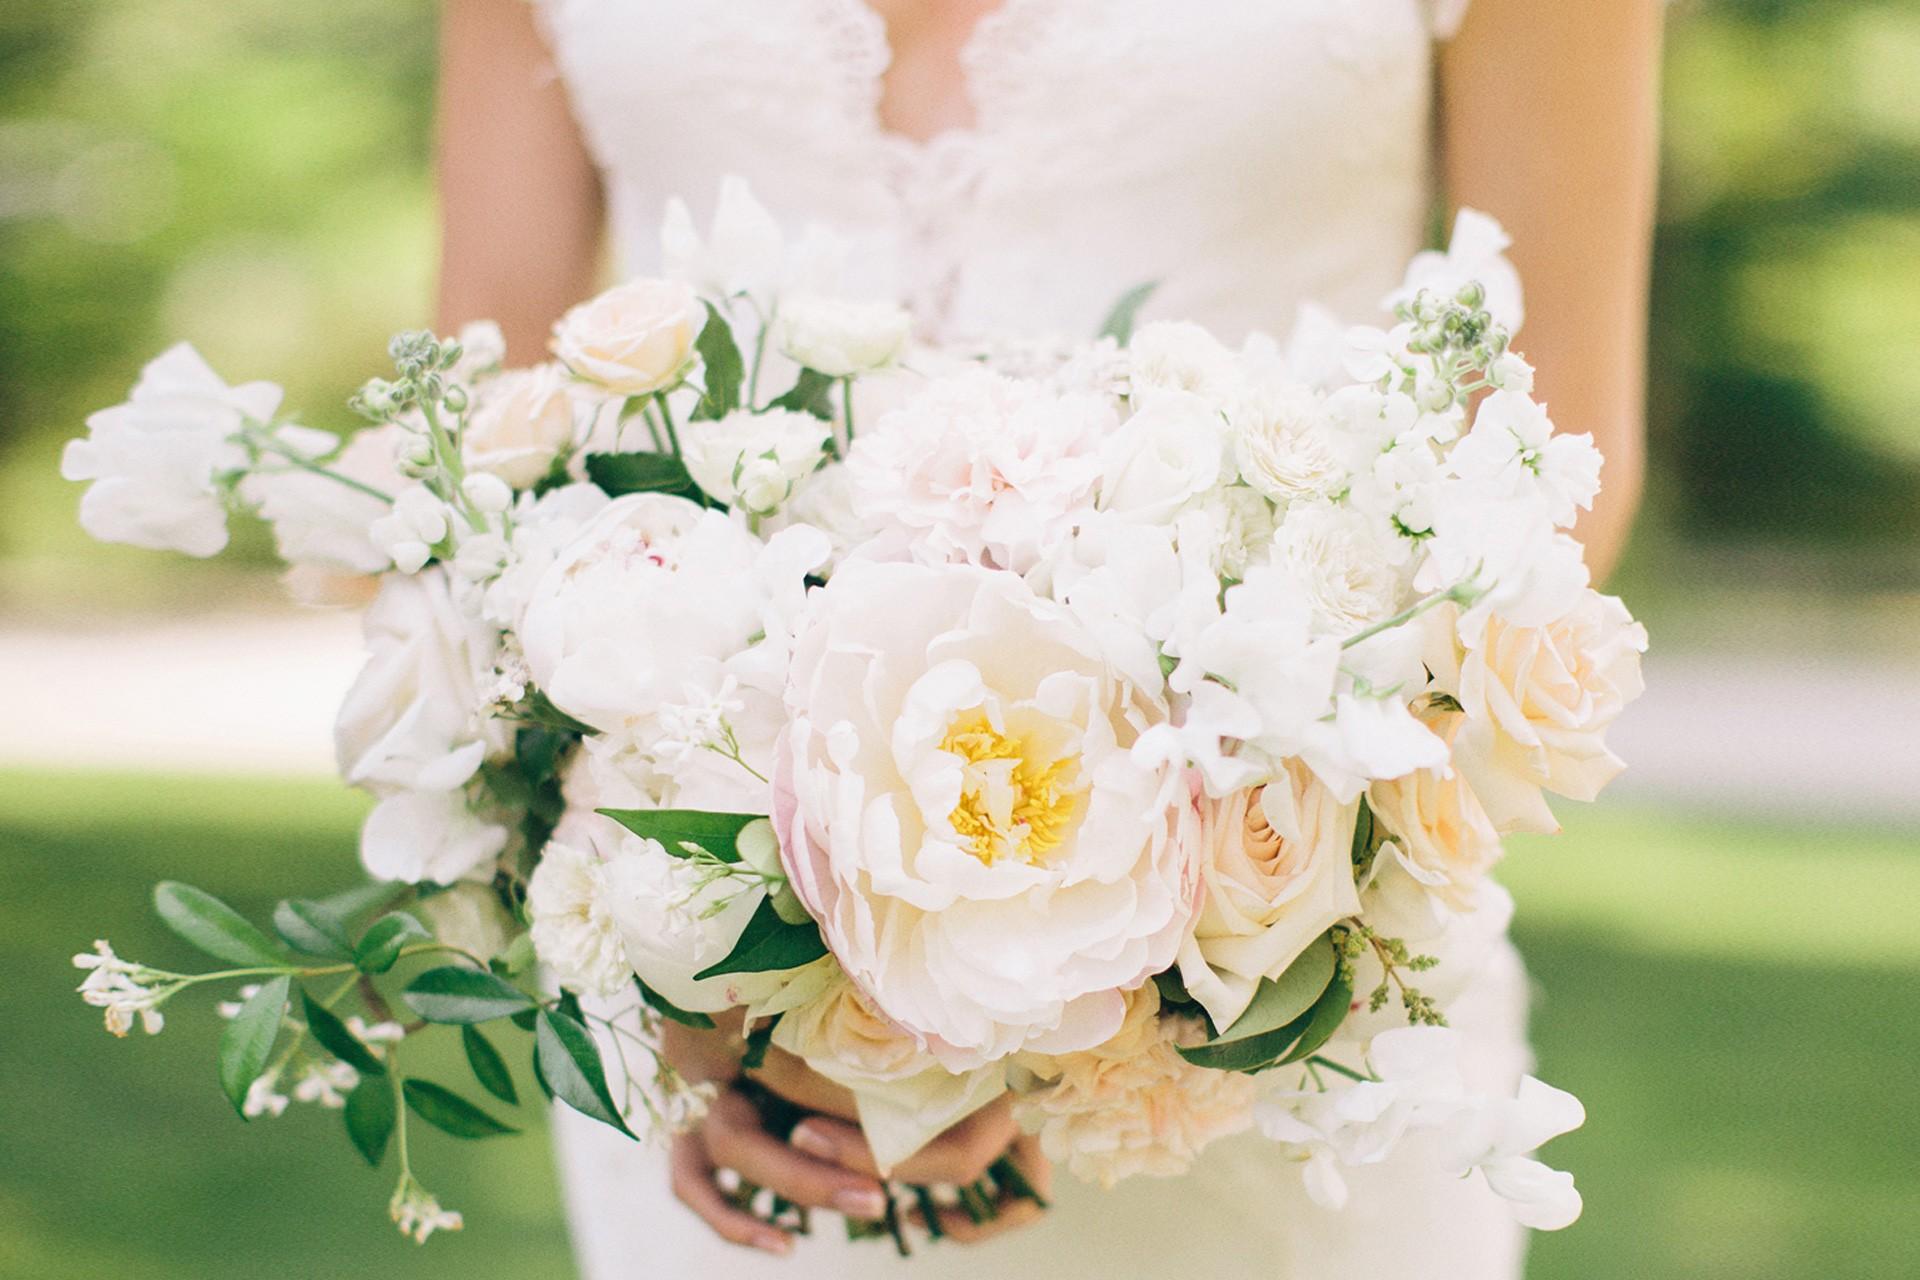 Декоратор Ольга Белецкая: «Свадебные декорации должны отличаться от театральных» фото 4